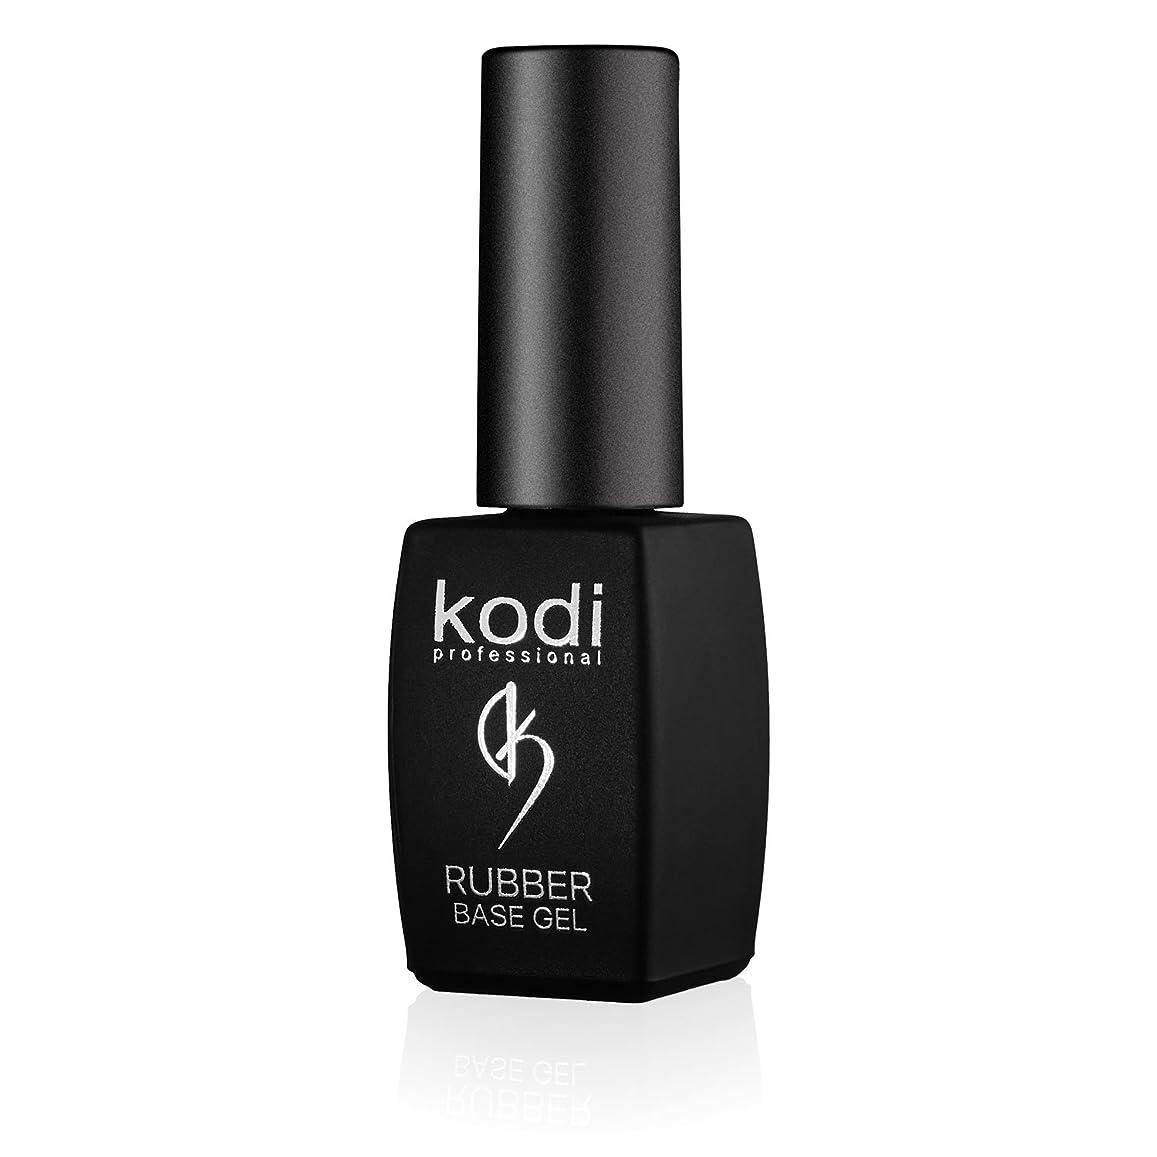 バンケットパイル遠征Professional Rubber Base Gel By Kodi | 8ml 0.27 oz | Soak Off, Polish Fingernails Coat Gel | For Long Lasting Nails Layer | Easy To Use, Non-Toxic & Scentless | Cure Under LED Or UV Lamp